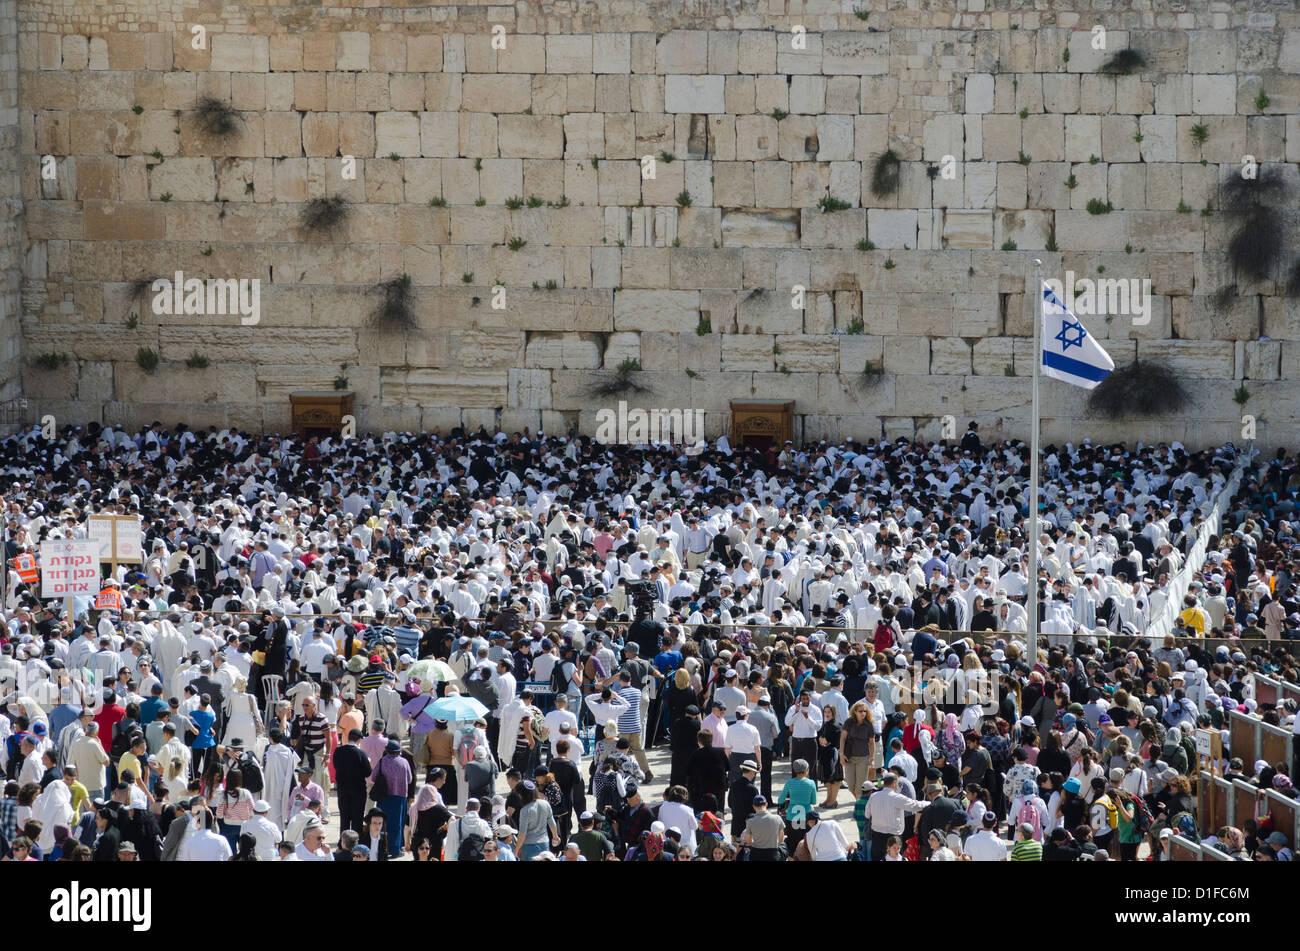 Tradicional Bendición de Cohen en el Muro Occidental durante la Pascua Judía, el festival de la Ciudad Imagen De Stock